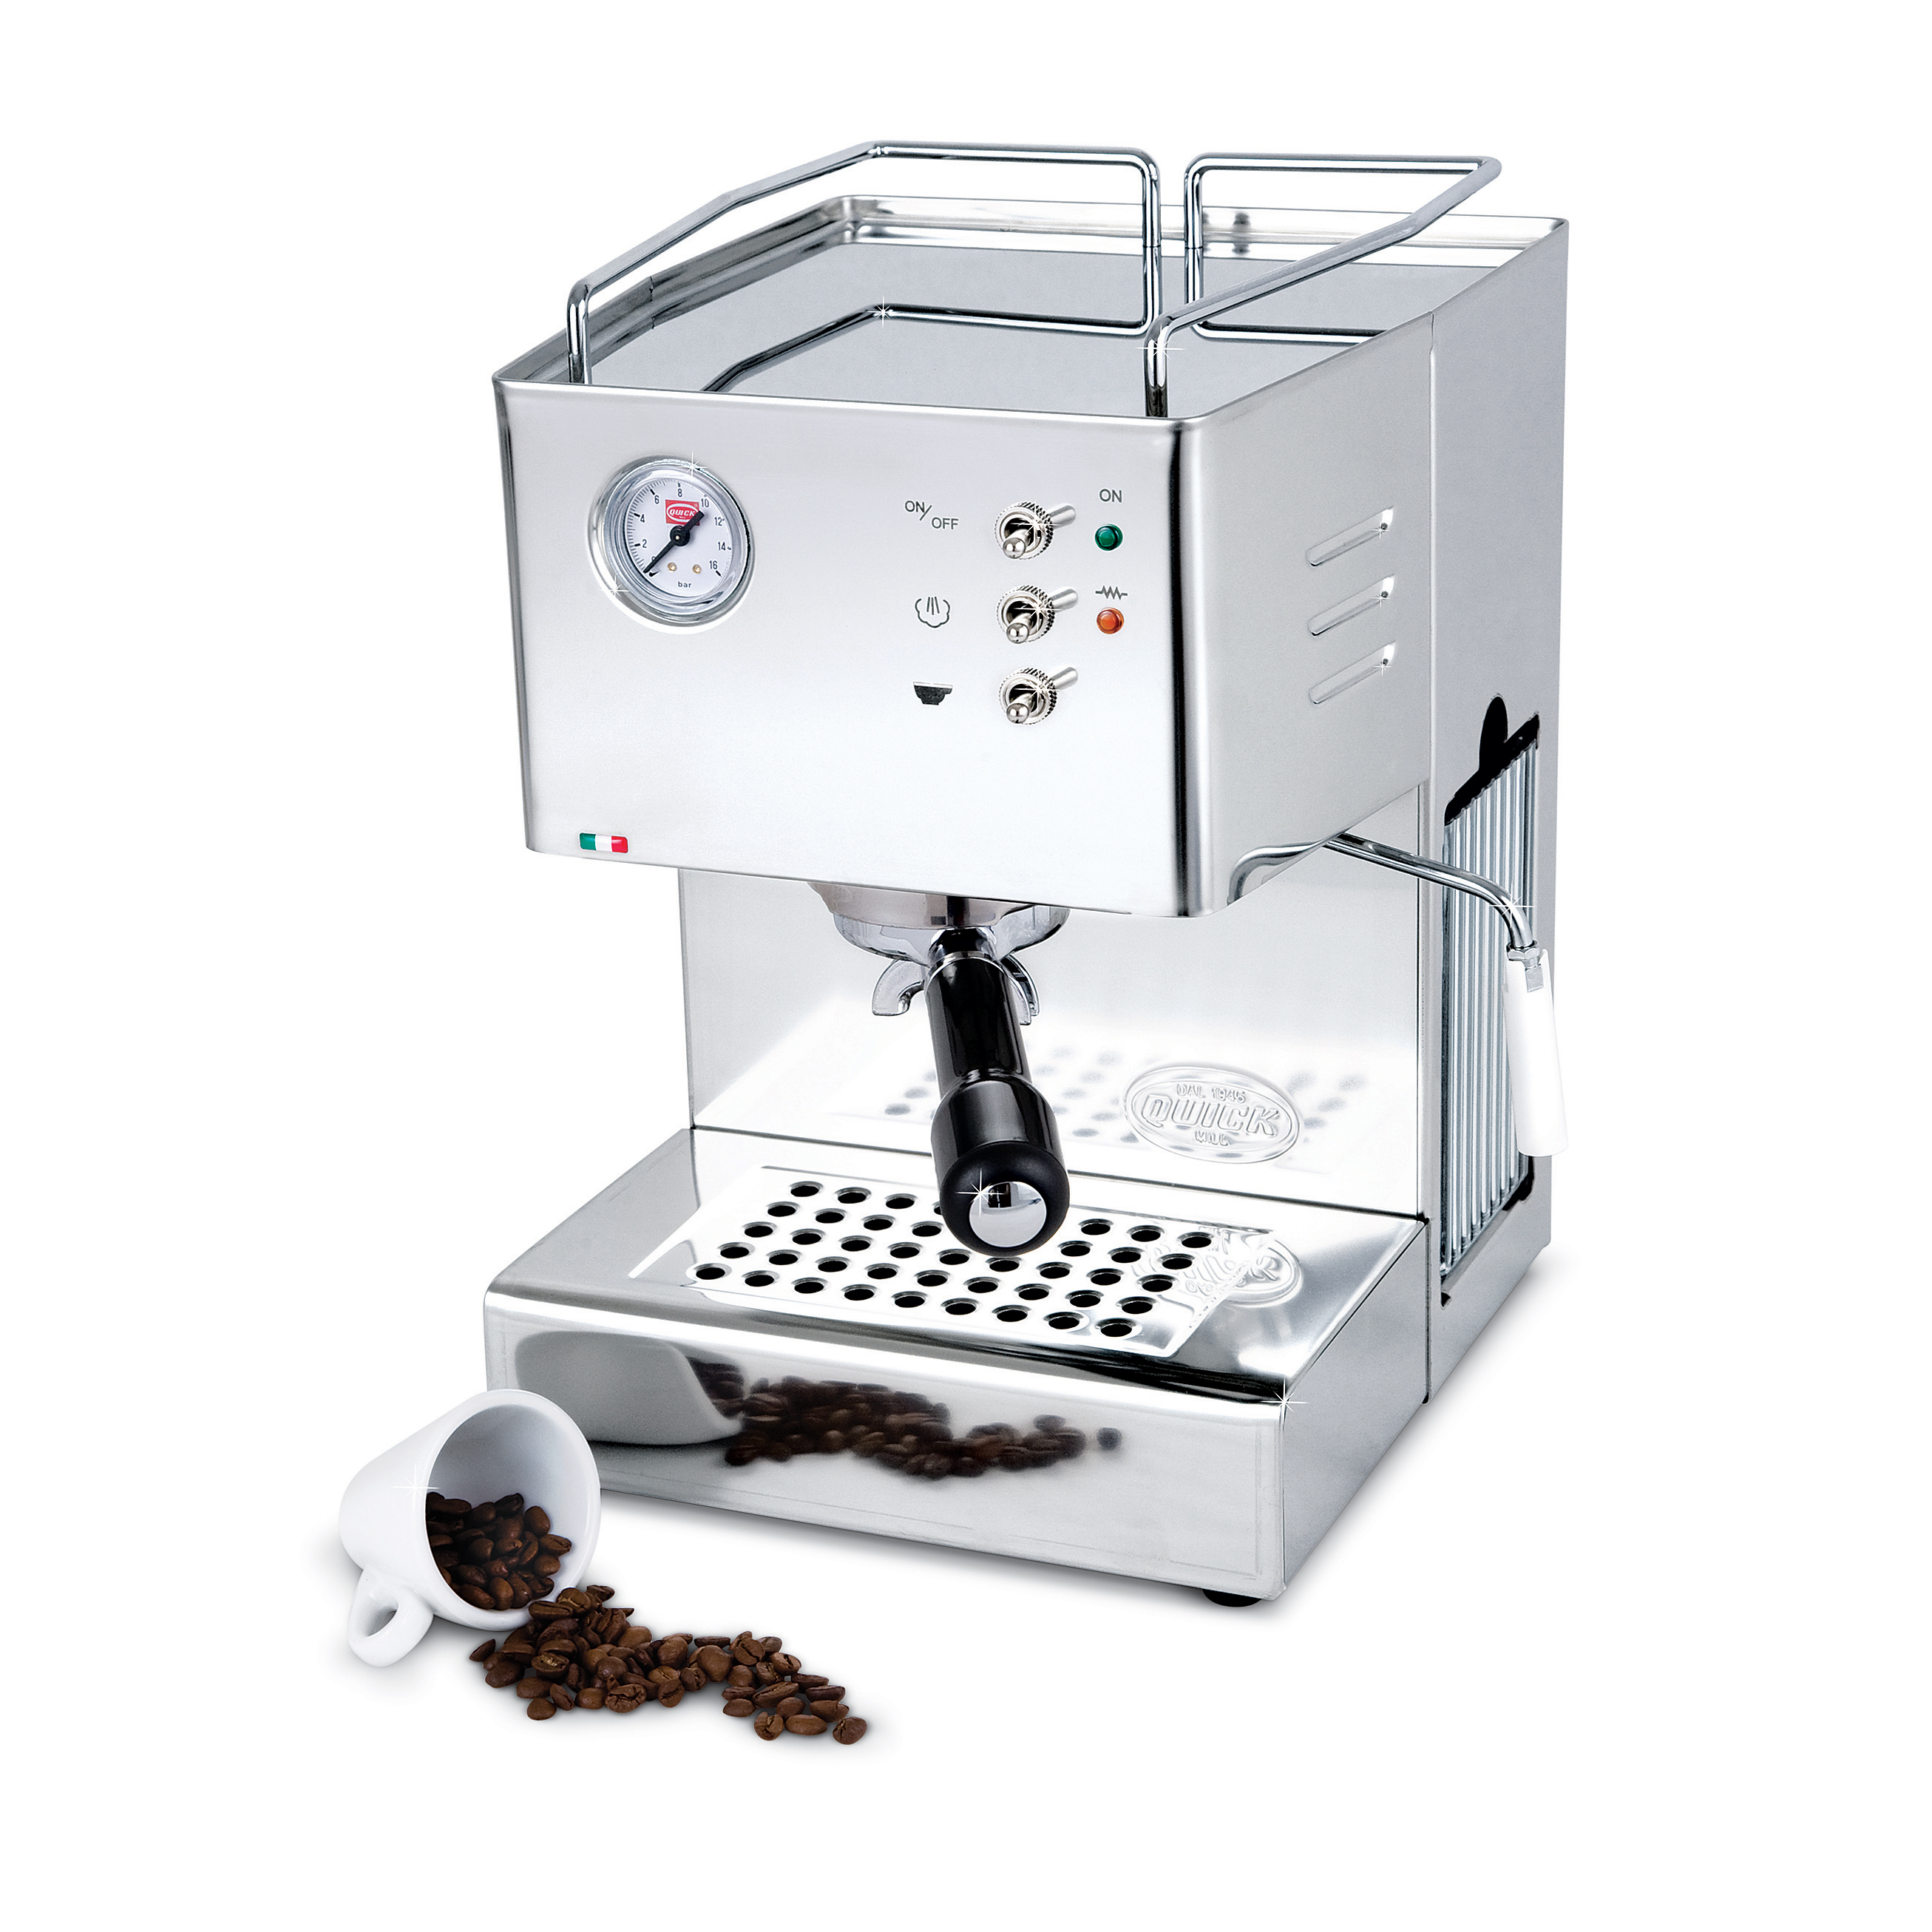 """Quickmill Modell 3000 """"Orione"""" Siebträger Espressomaschine"""